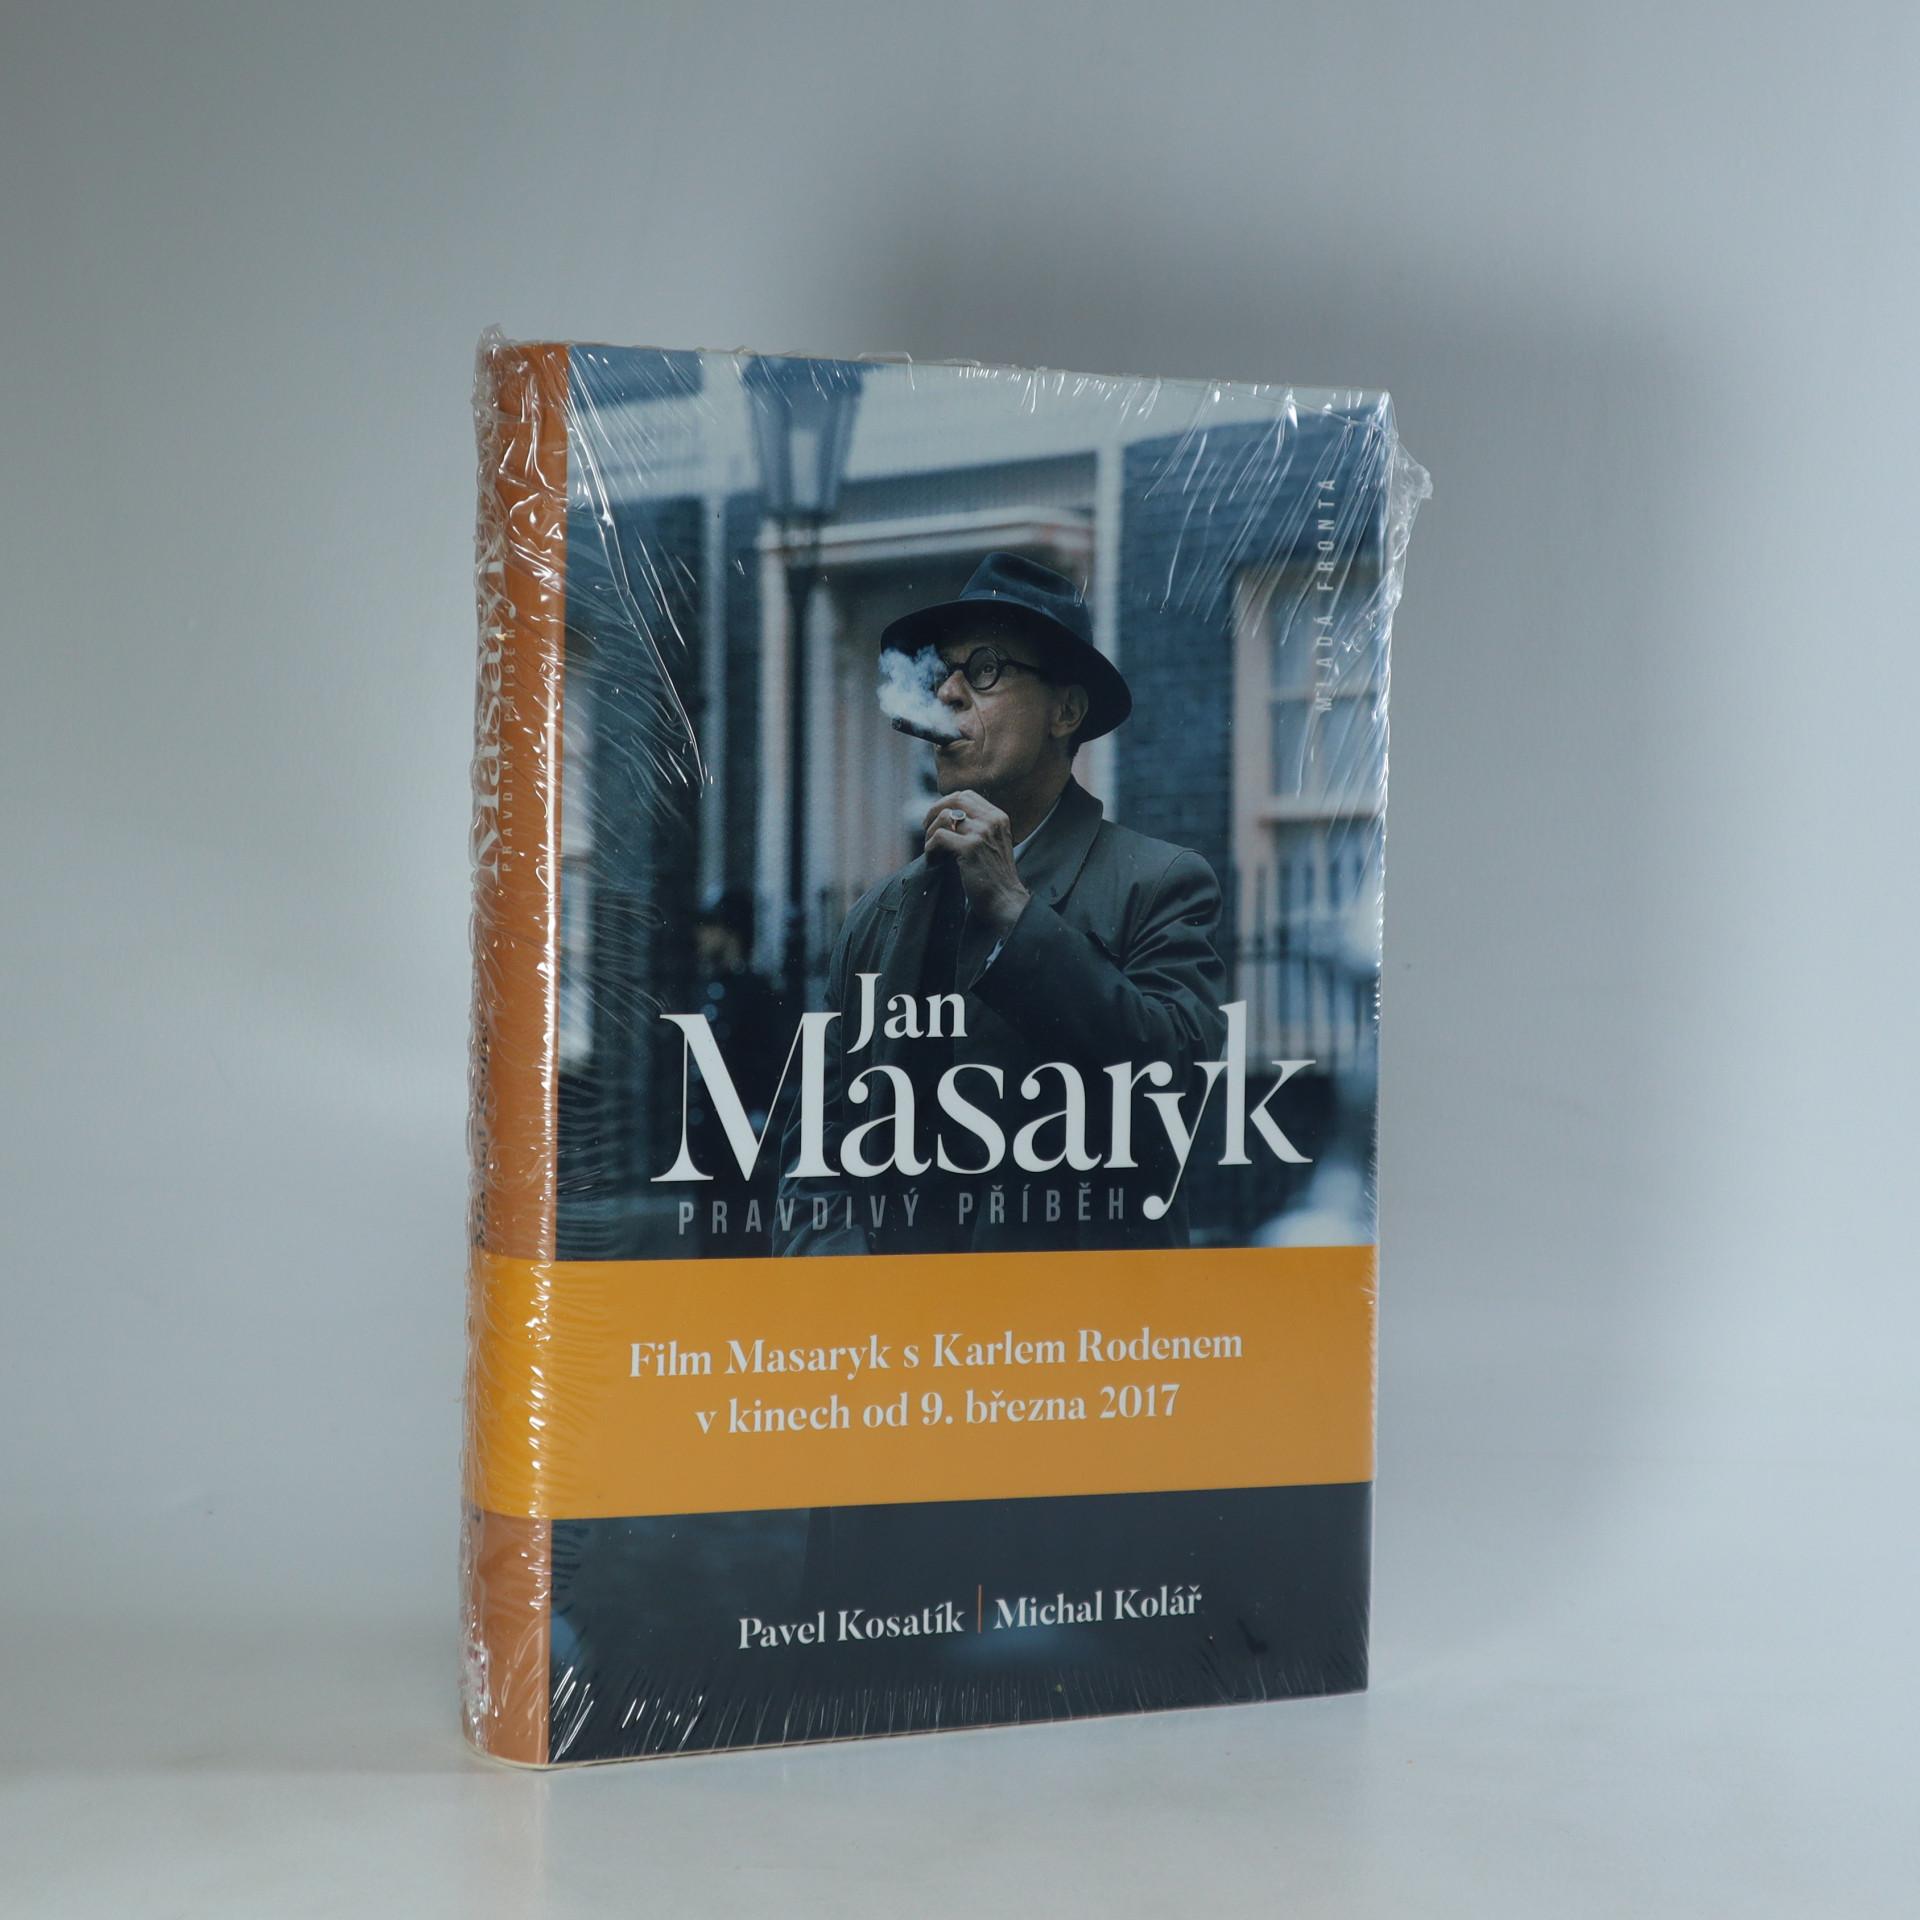 antikvární kniha Jan Masaryk. Pravdivý příběh, 2016